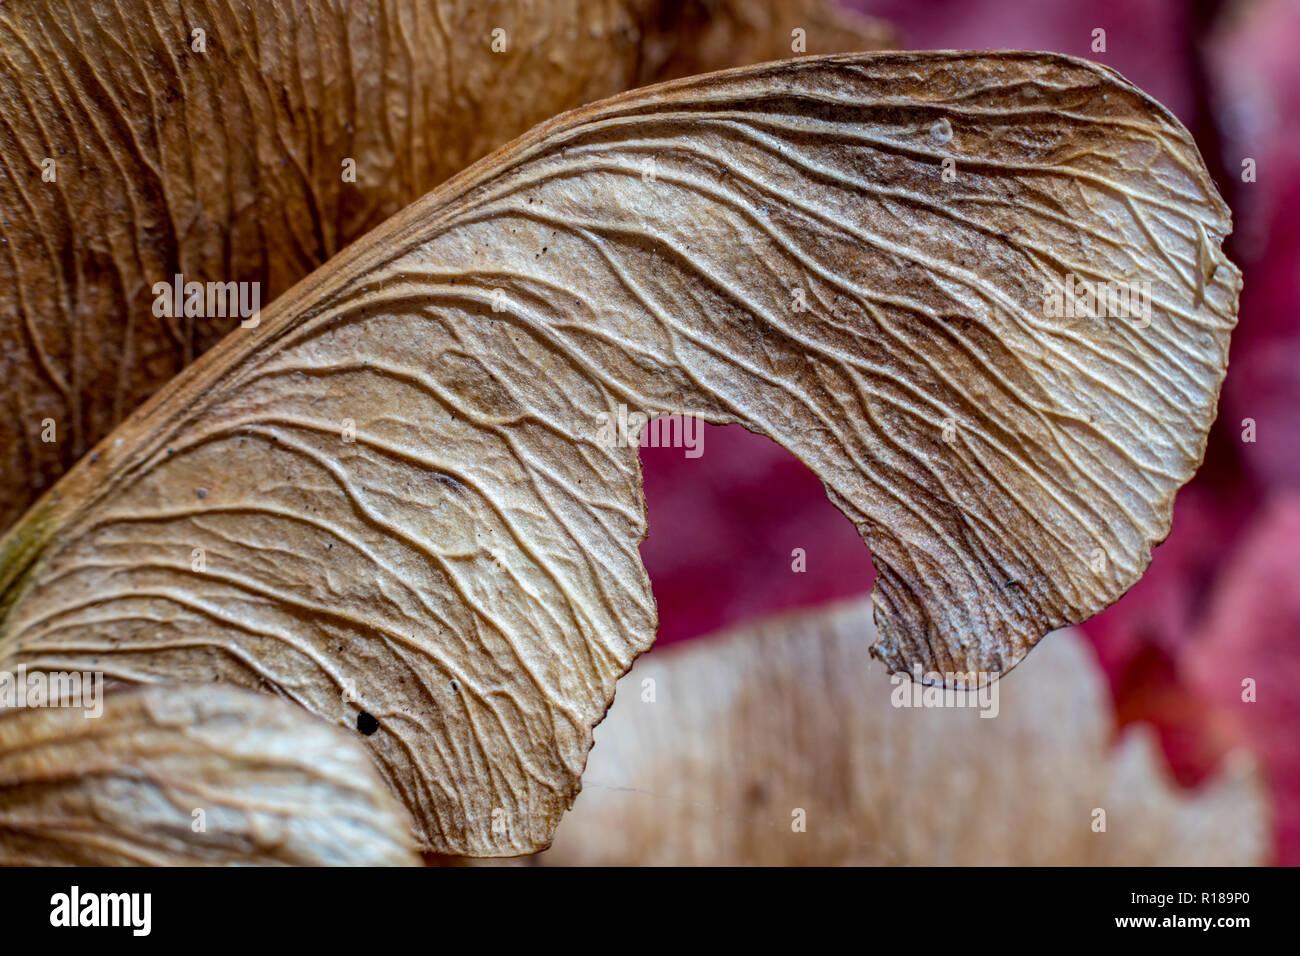 Macro de cerca, la luz de flash de estudio de imagen, de una semilla de arce en seco, otoño de sentimientos. Ala detallada estructura con nervios natural impresionante, selectiva focu Foto de stock